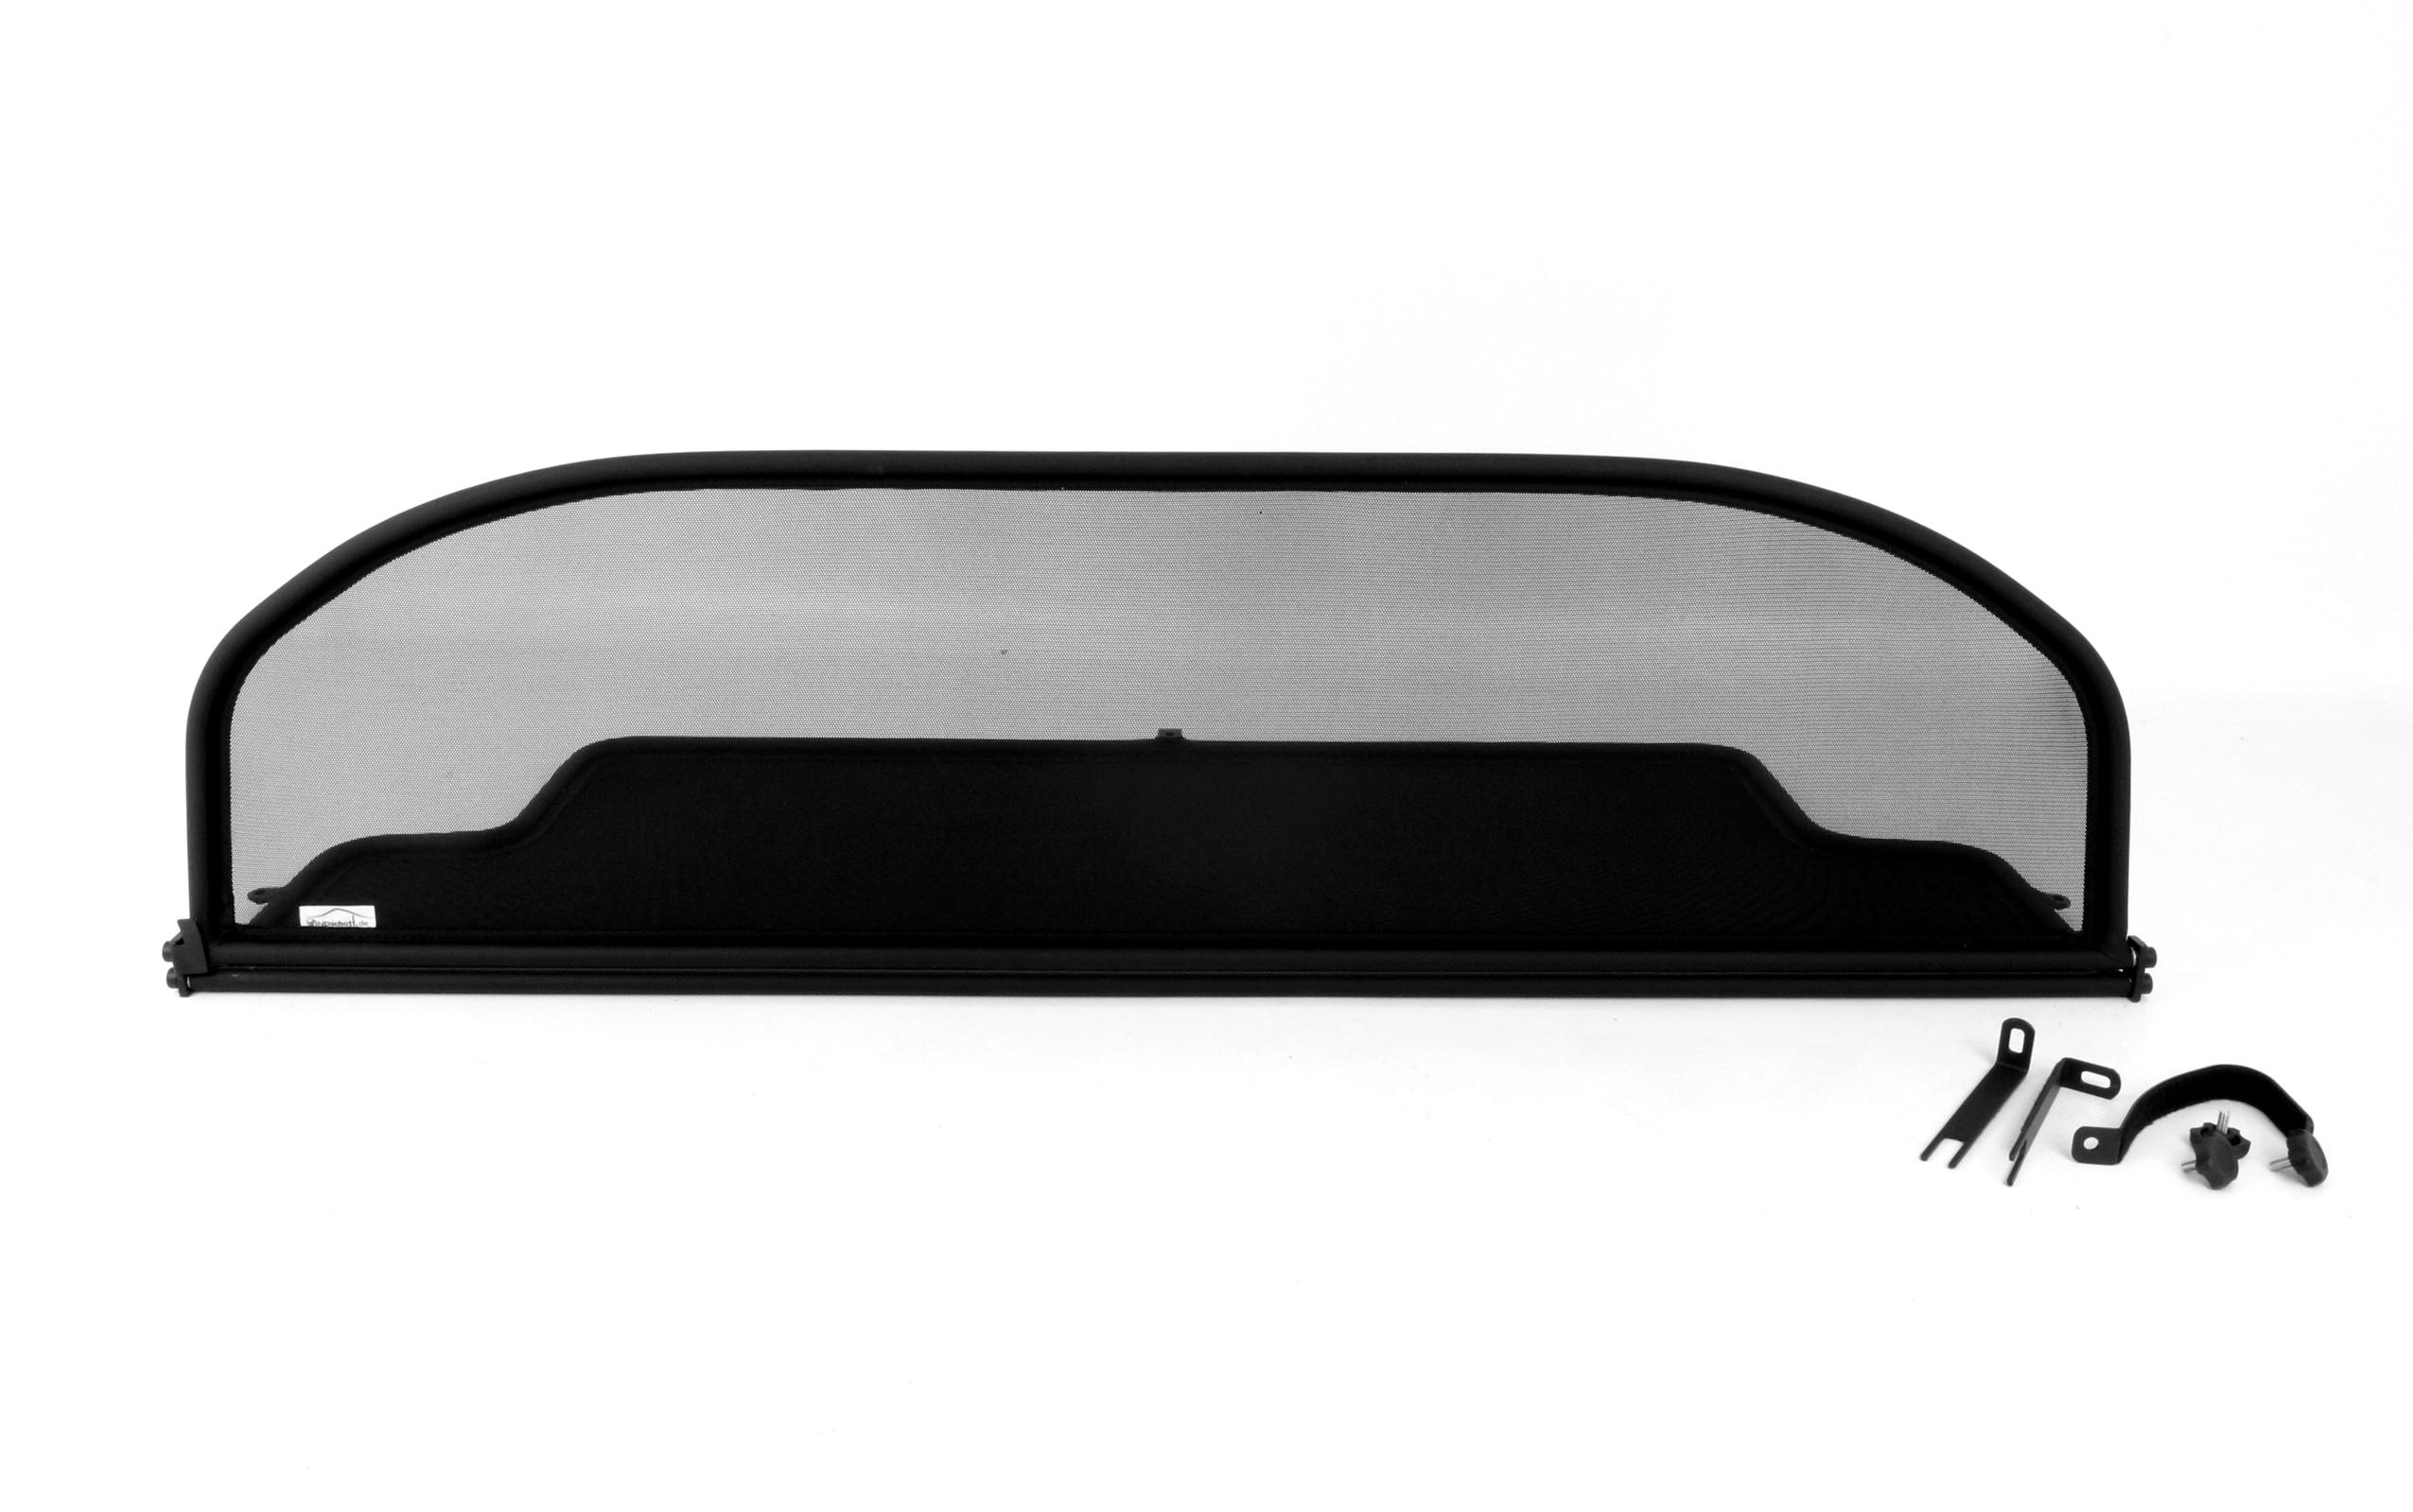 Déflecteur Vent Deflector For pour INFINITI g37 Bj 2009 10 11 12 13 14 15 2016